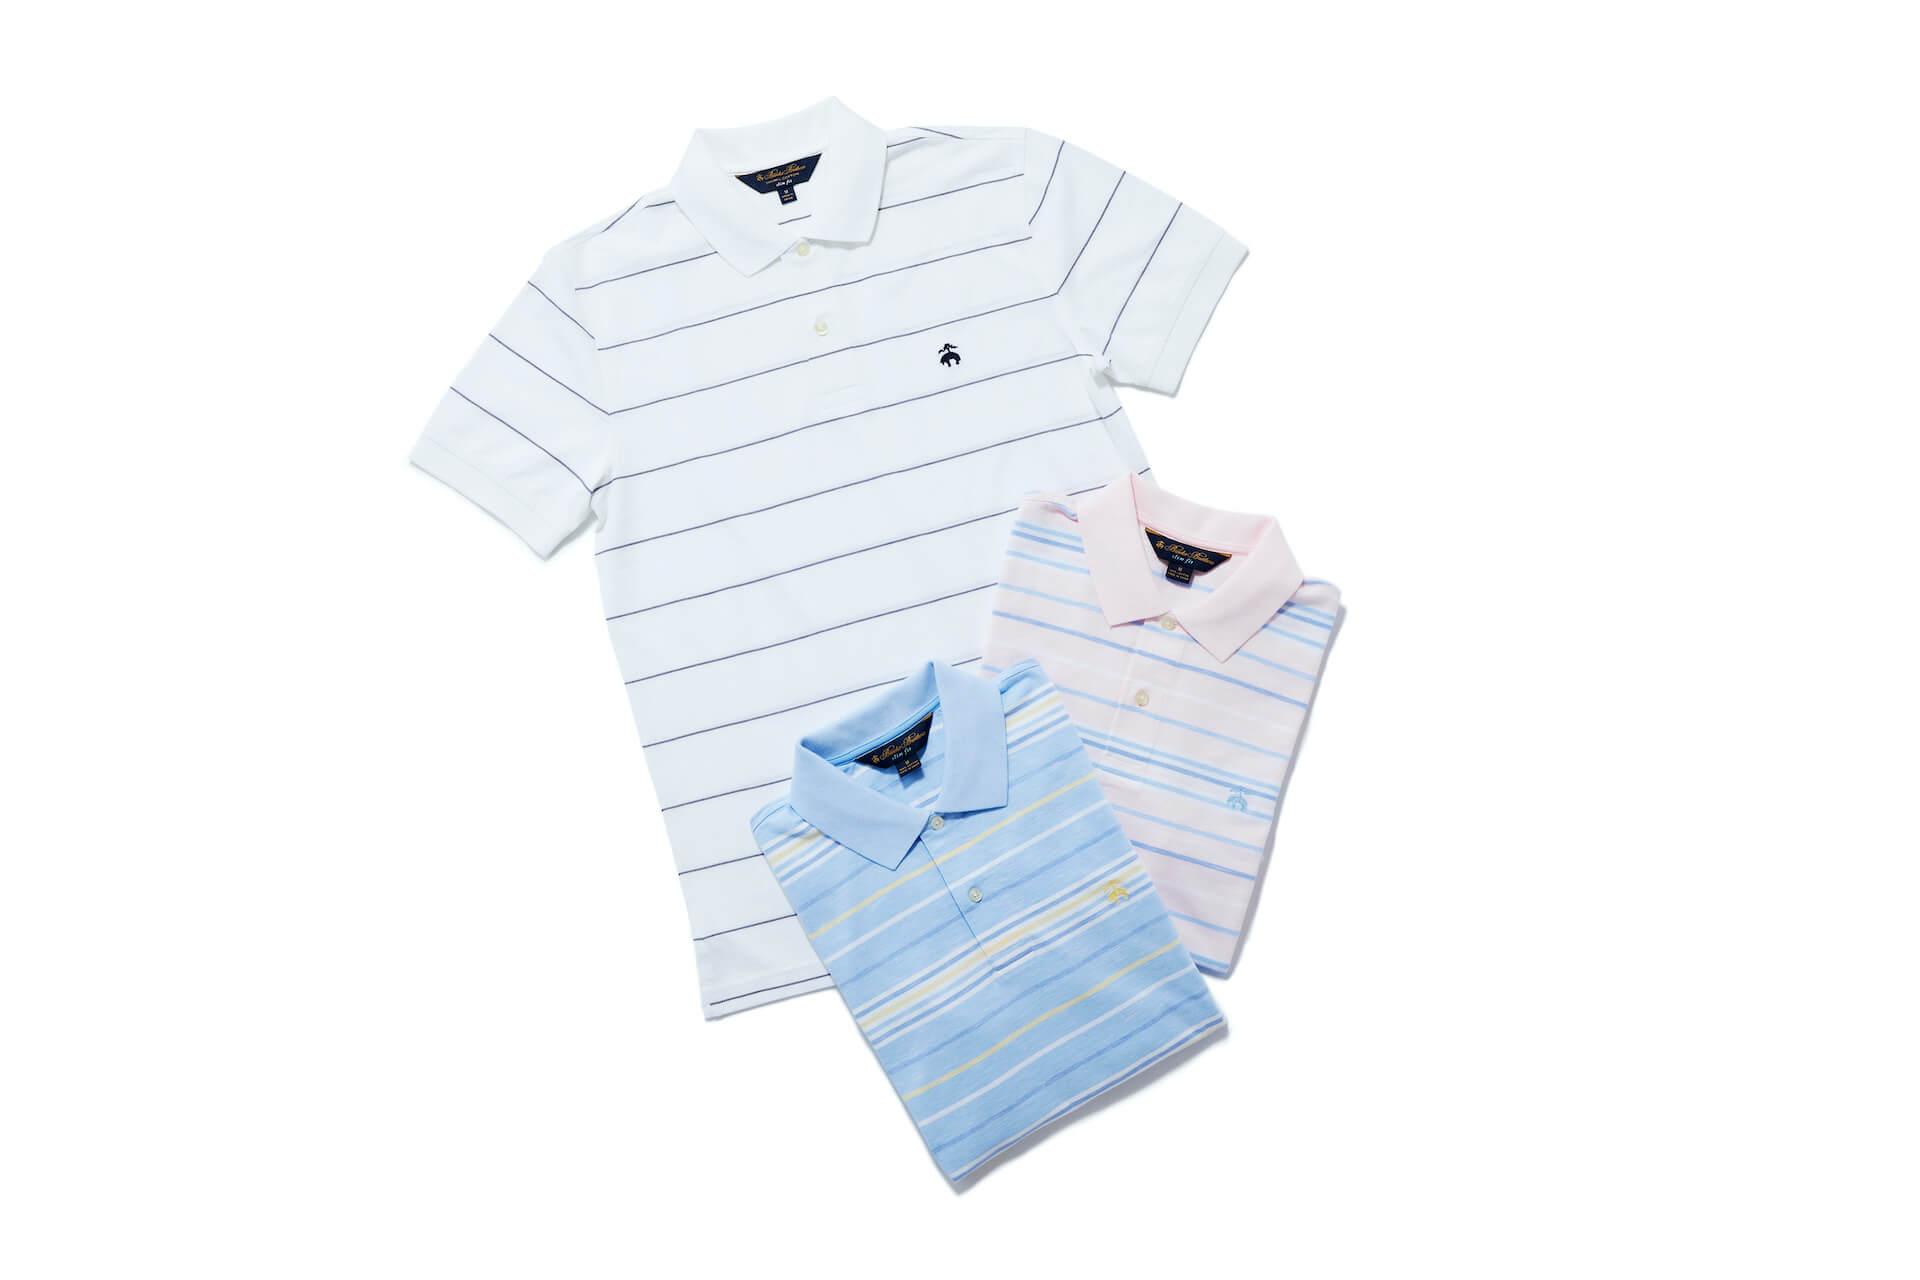 ブルックス ブラザーズが夏にぴったりの<ポロシャツフェア>を開催中!ロゴが刺繍されたハンカチを先着でプレゼント lf200617_brooksbrothers_03